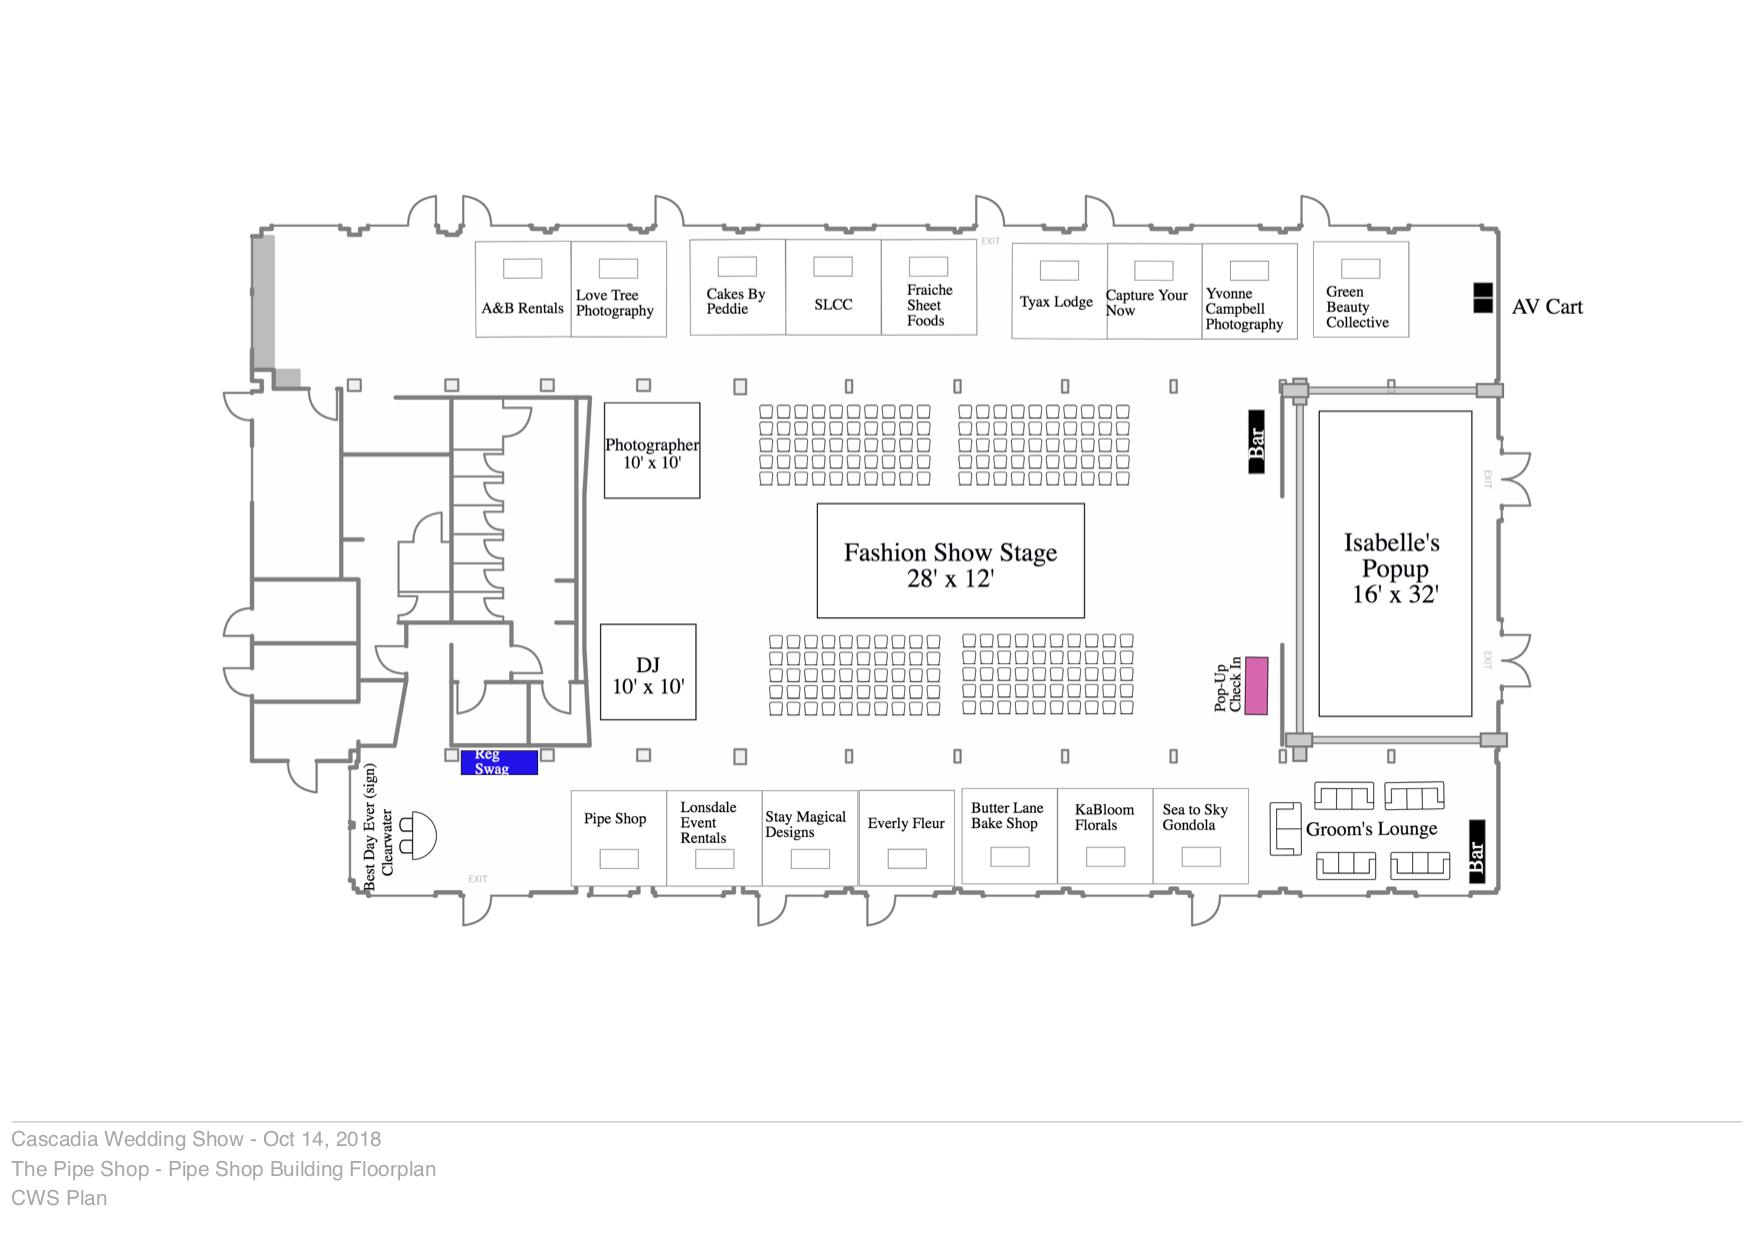 Cascadia Wedding Show Floor Plan.png